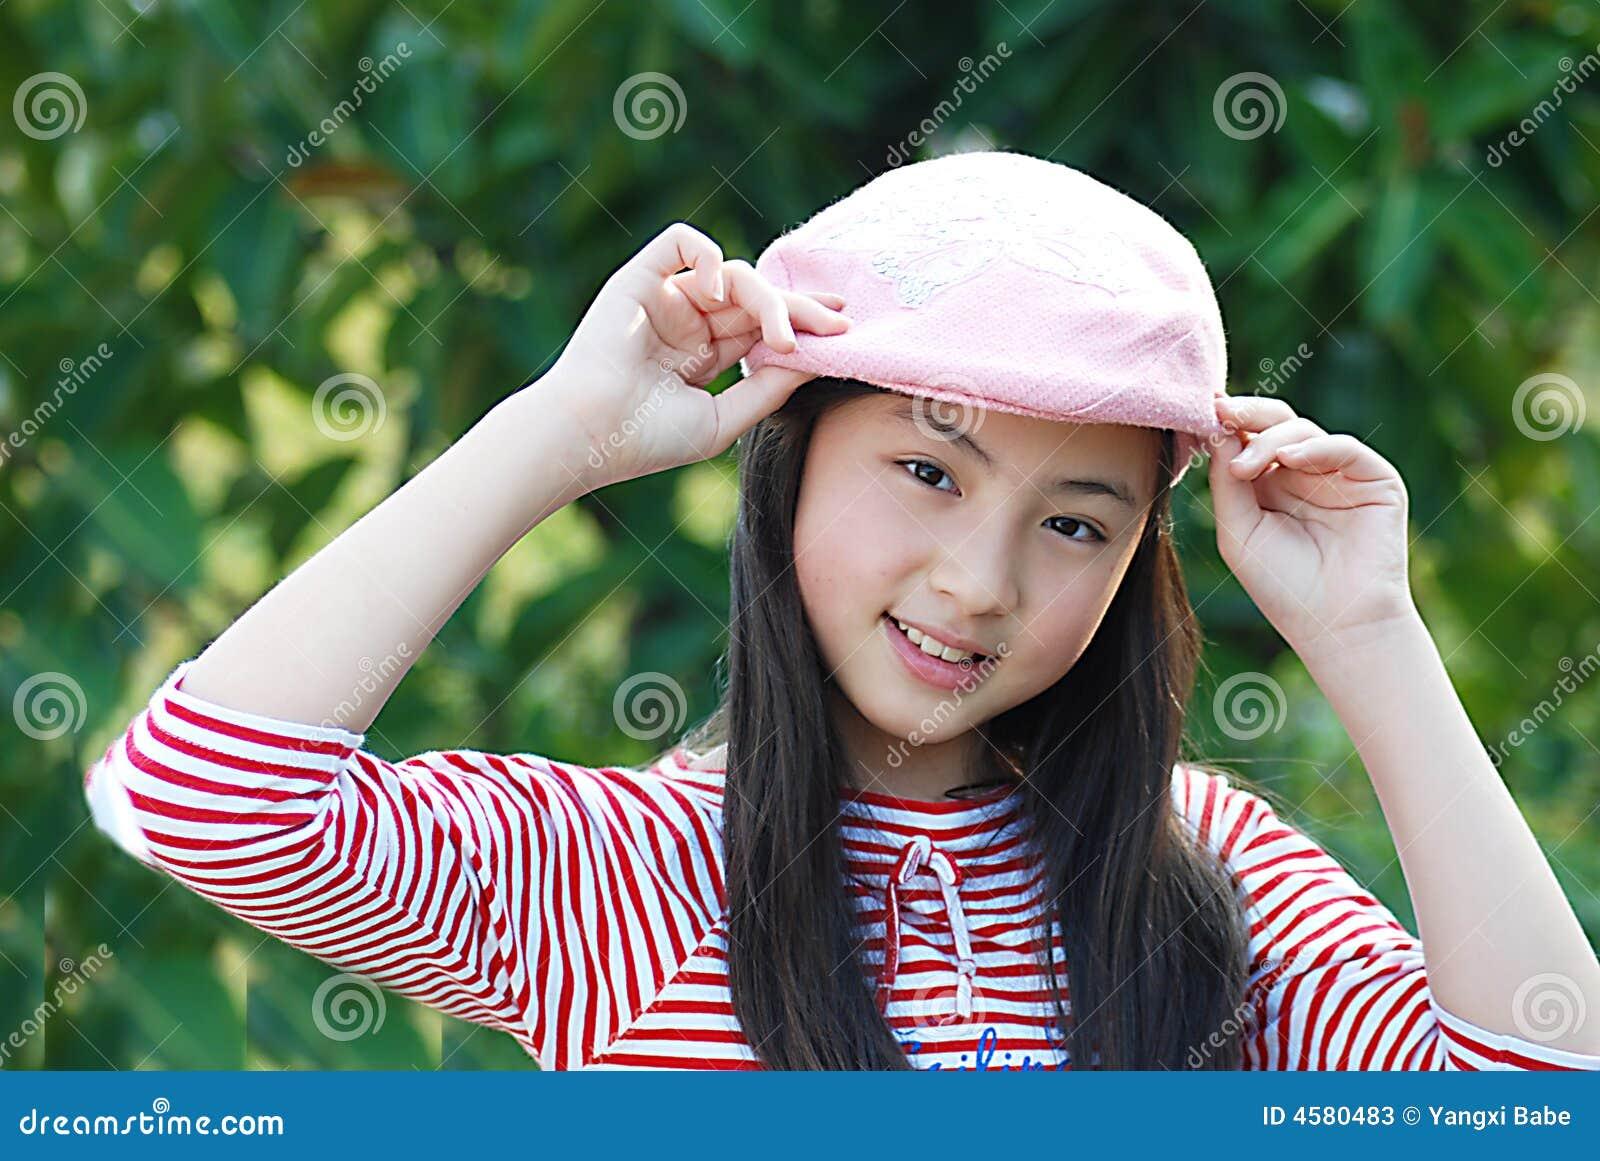 I miss you chinese song lyrics